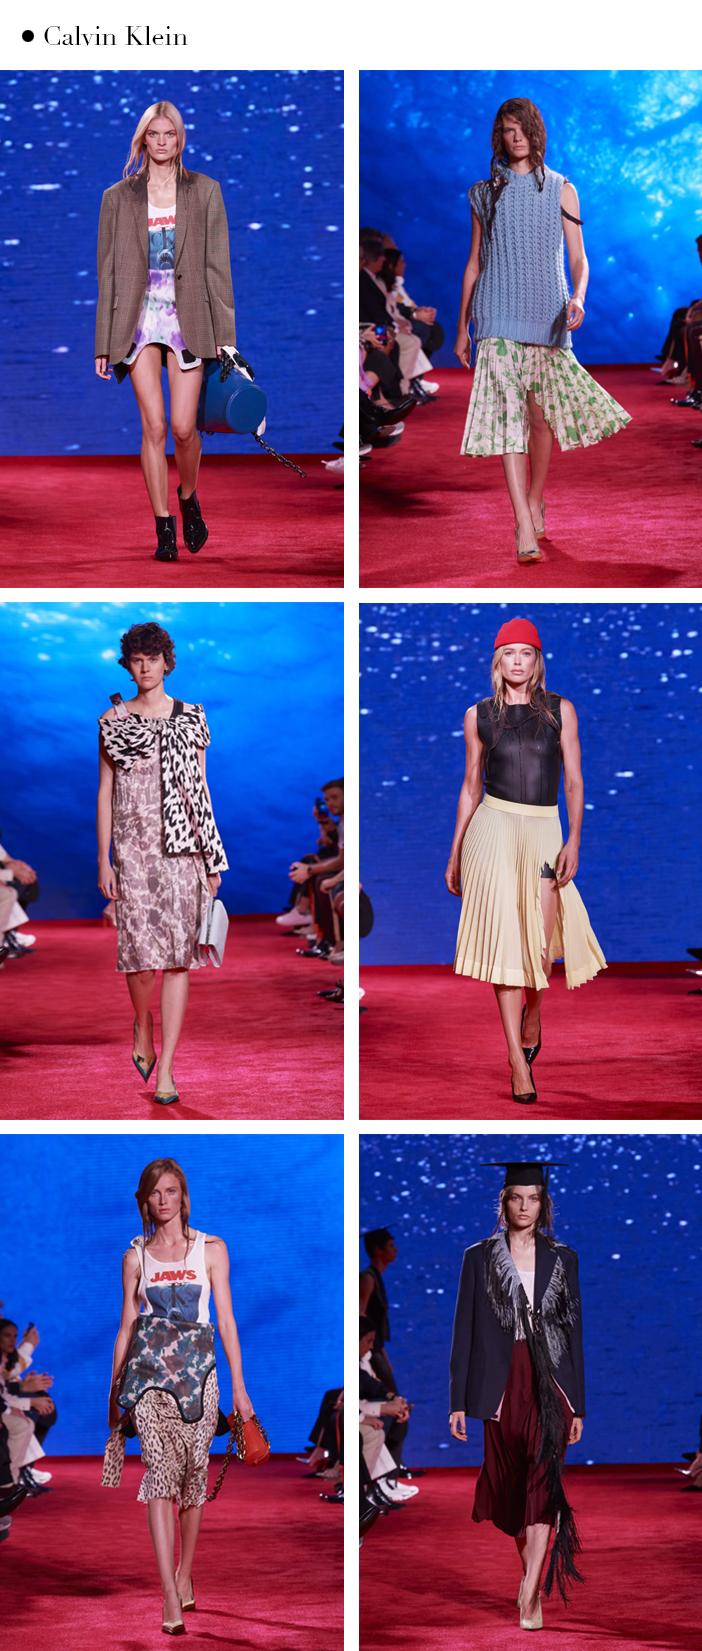 New York fashion week verão 2019 Calvin Klein